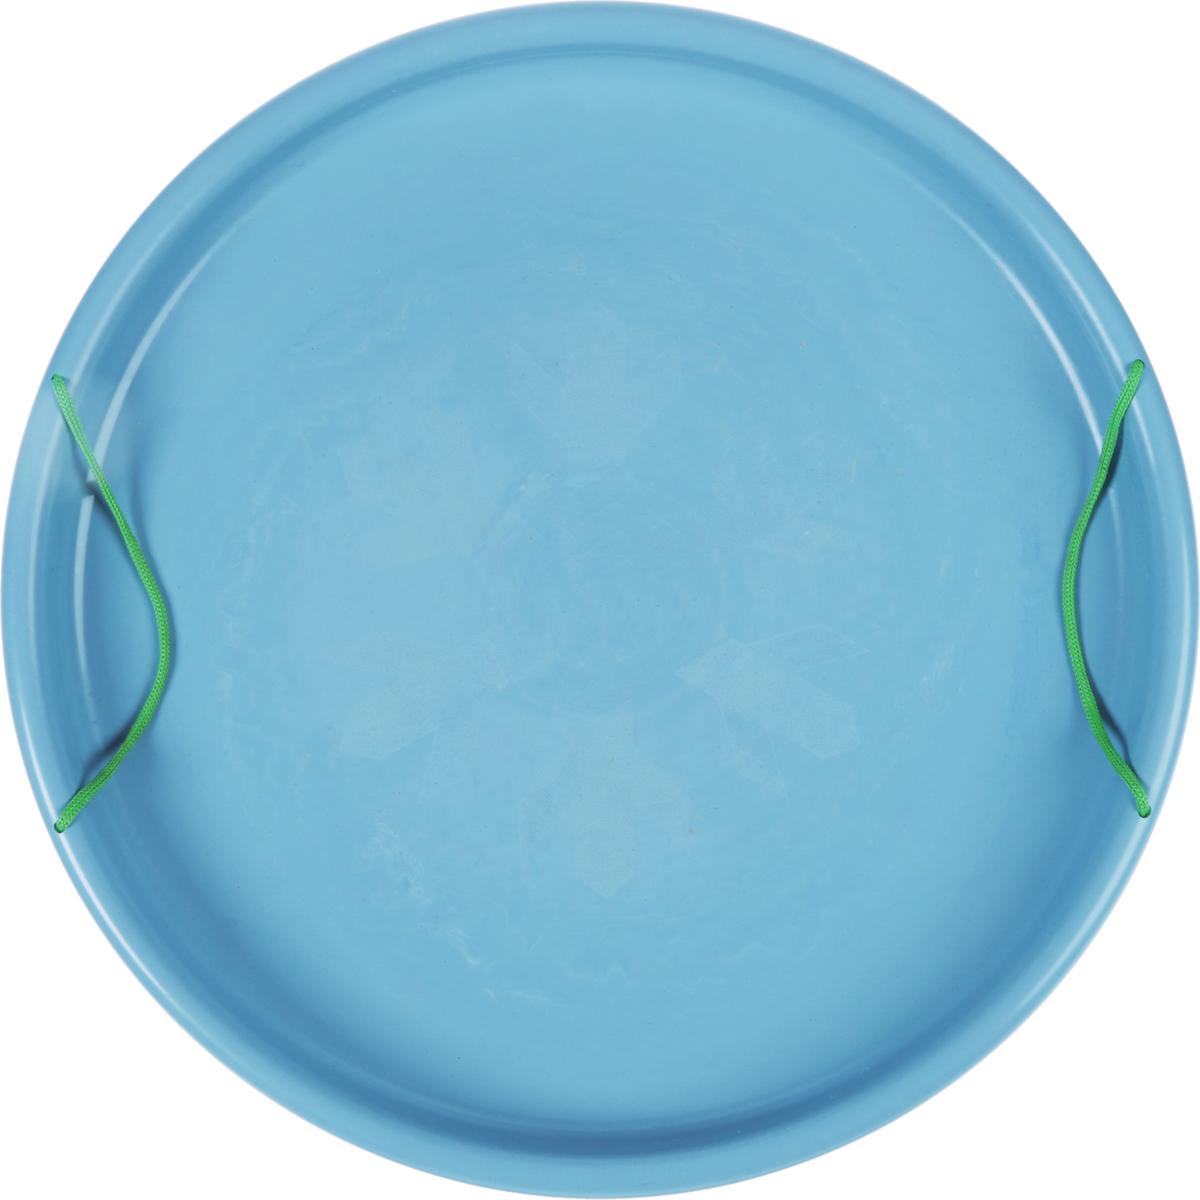 Ледянка Престиж Экстрим, с ручками, цвет: голубой, диаметр 54 см36456Круглая ледянка Престиж Экстрим выполнена из пластика. Удобные ручки-веревки позволят управлять направлением спуска, а также помогут удержать баланс и избежать неприятных последствий падения.Такая ледянка отлично подойдет для любителей зимних спортивных развлечений.